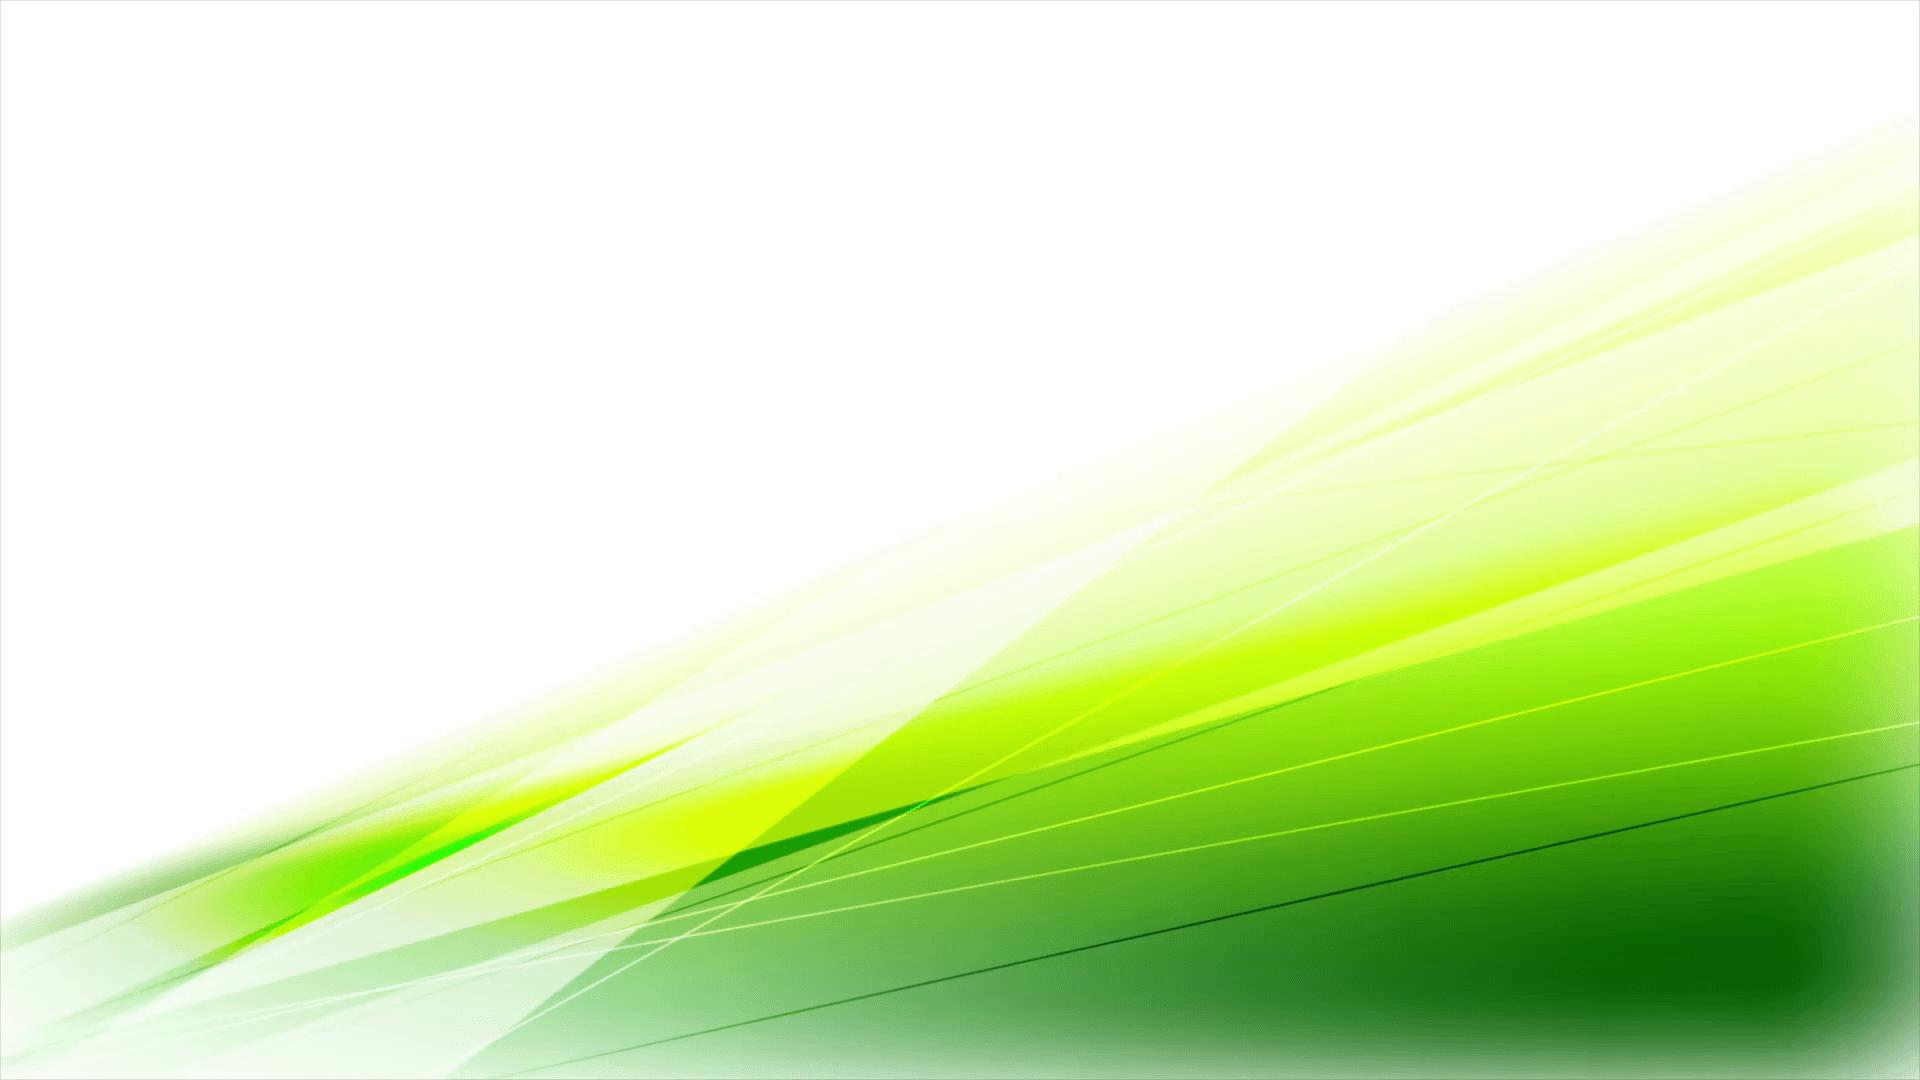 Green Blocks Diagonal Wallpapers Wallpaper Cave